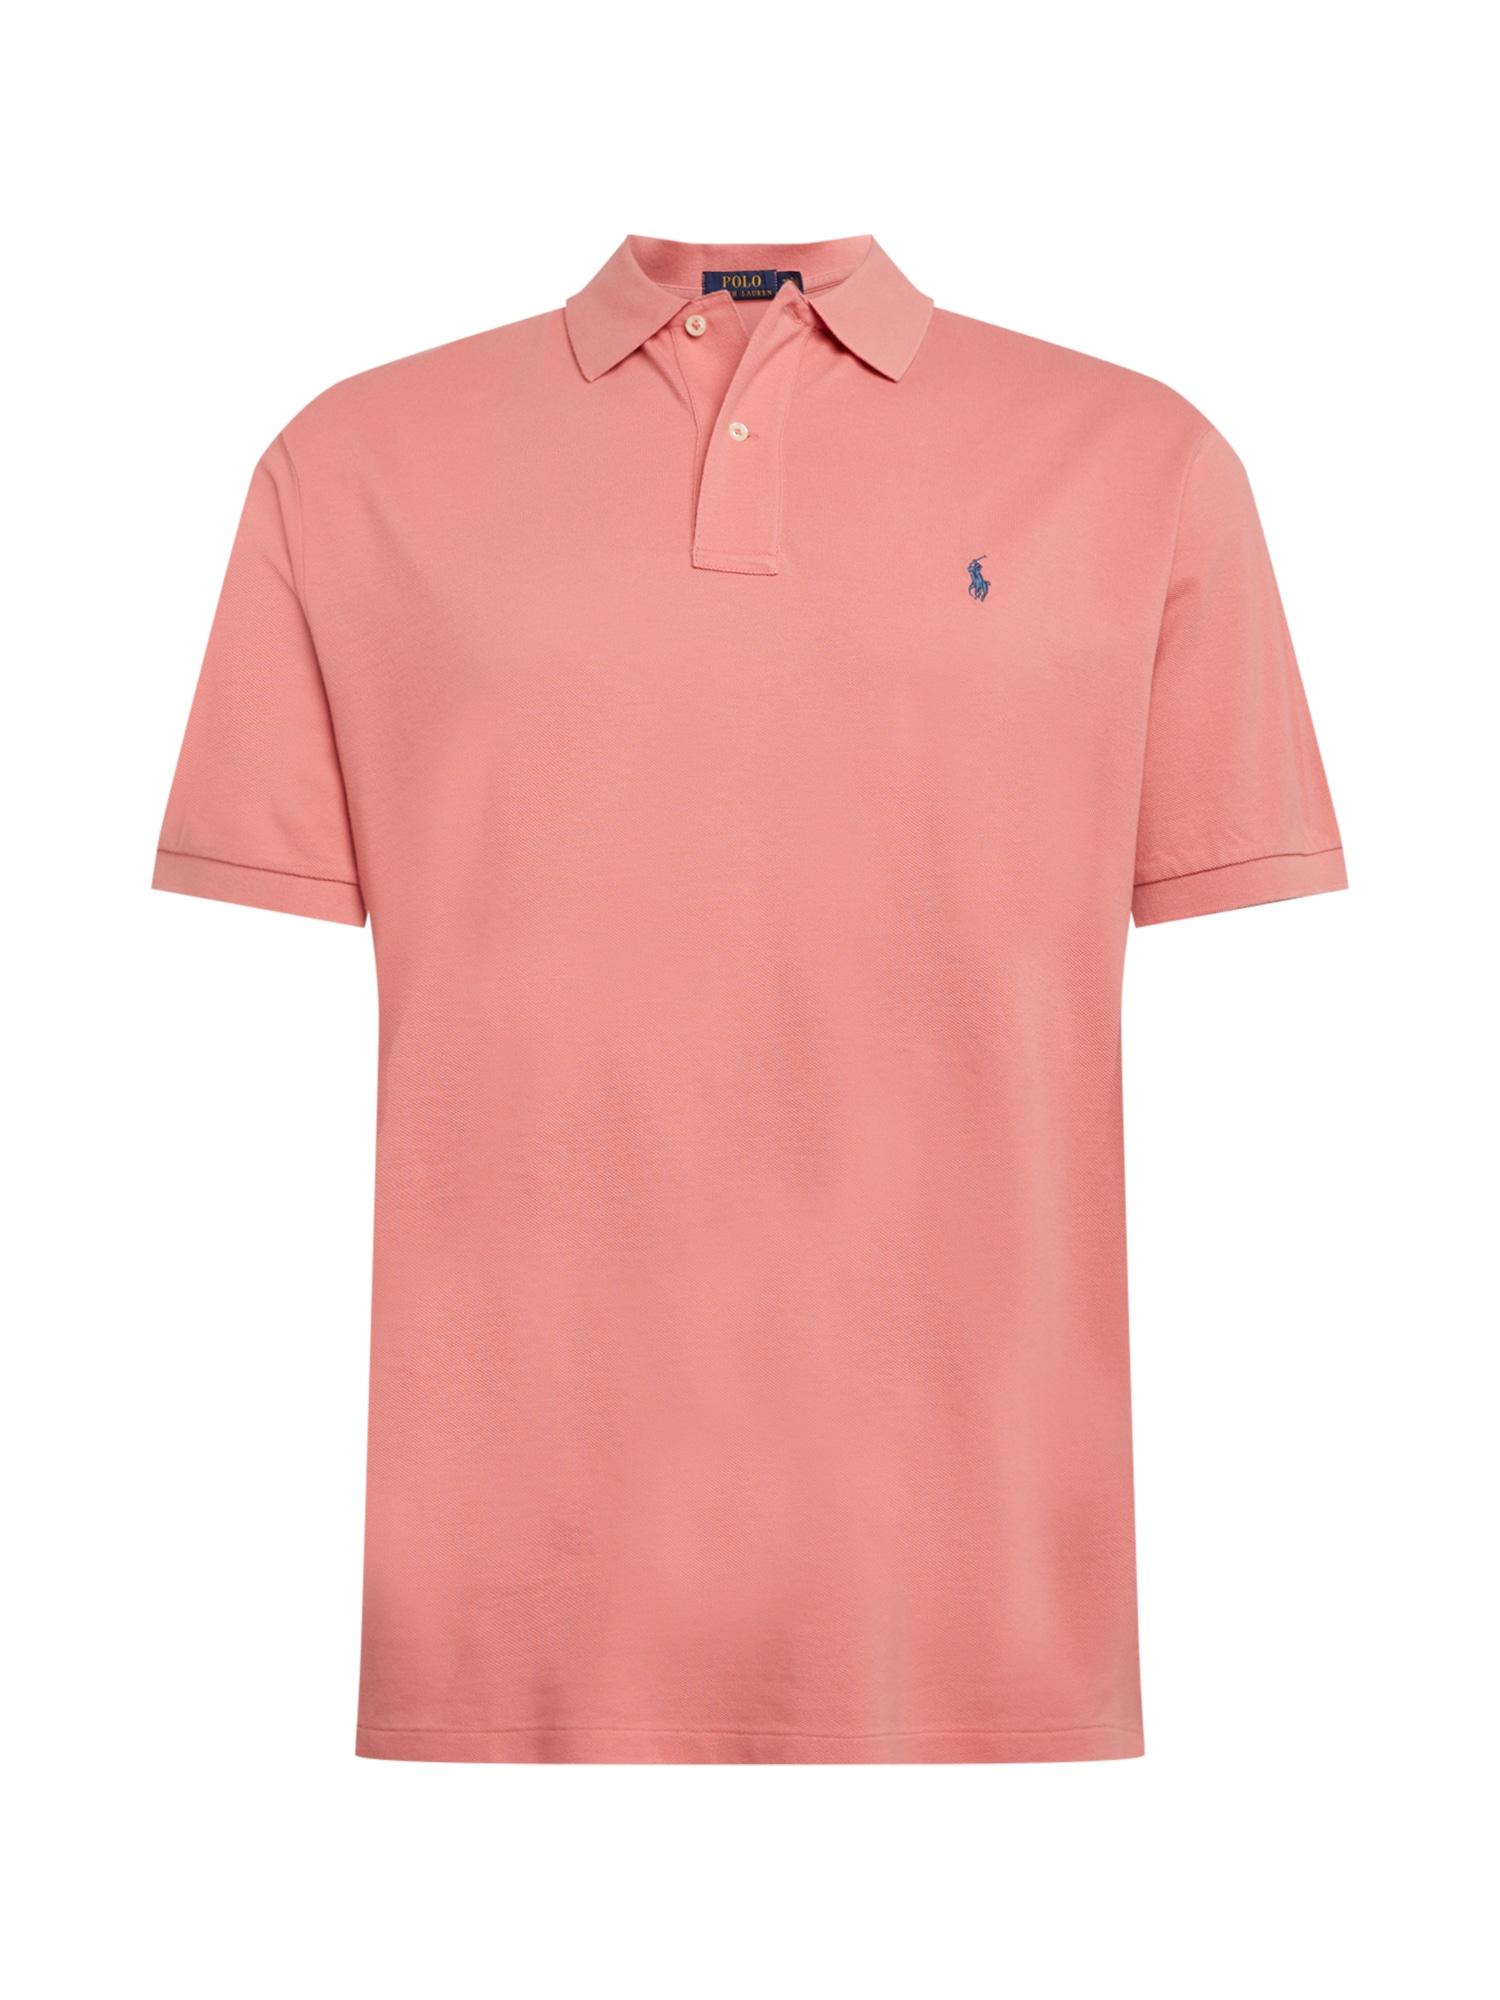 Polo Ralph Lauren Big & Tall Marškinėliai ryškiai rožinė spalva